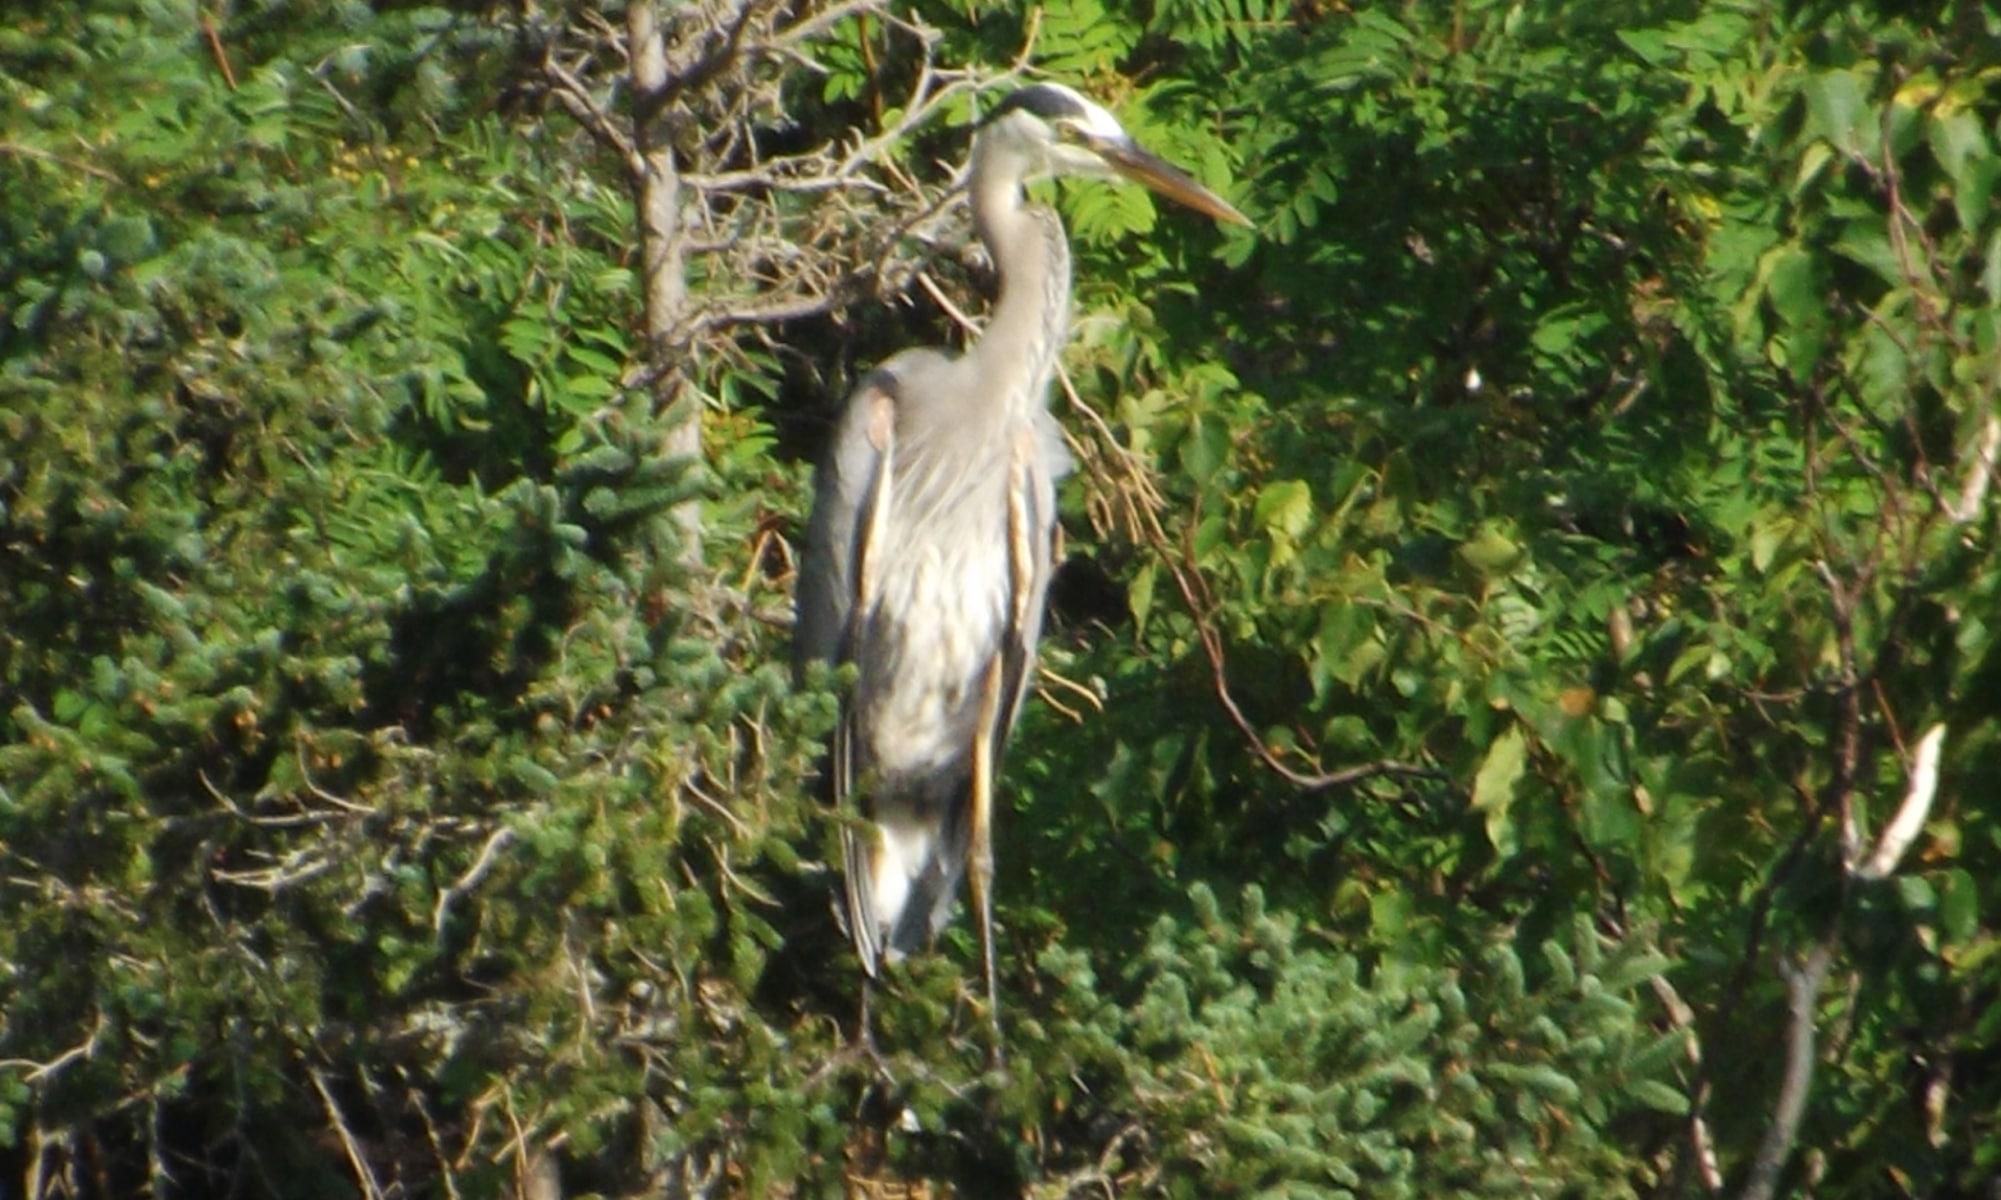 Heron-in-tree-DSCF6532